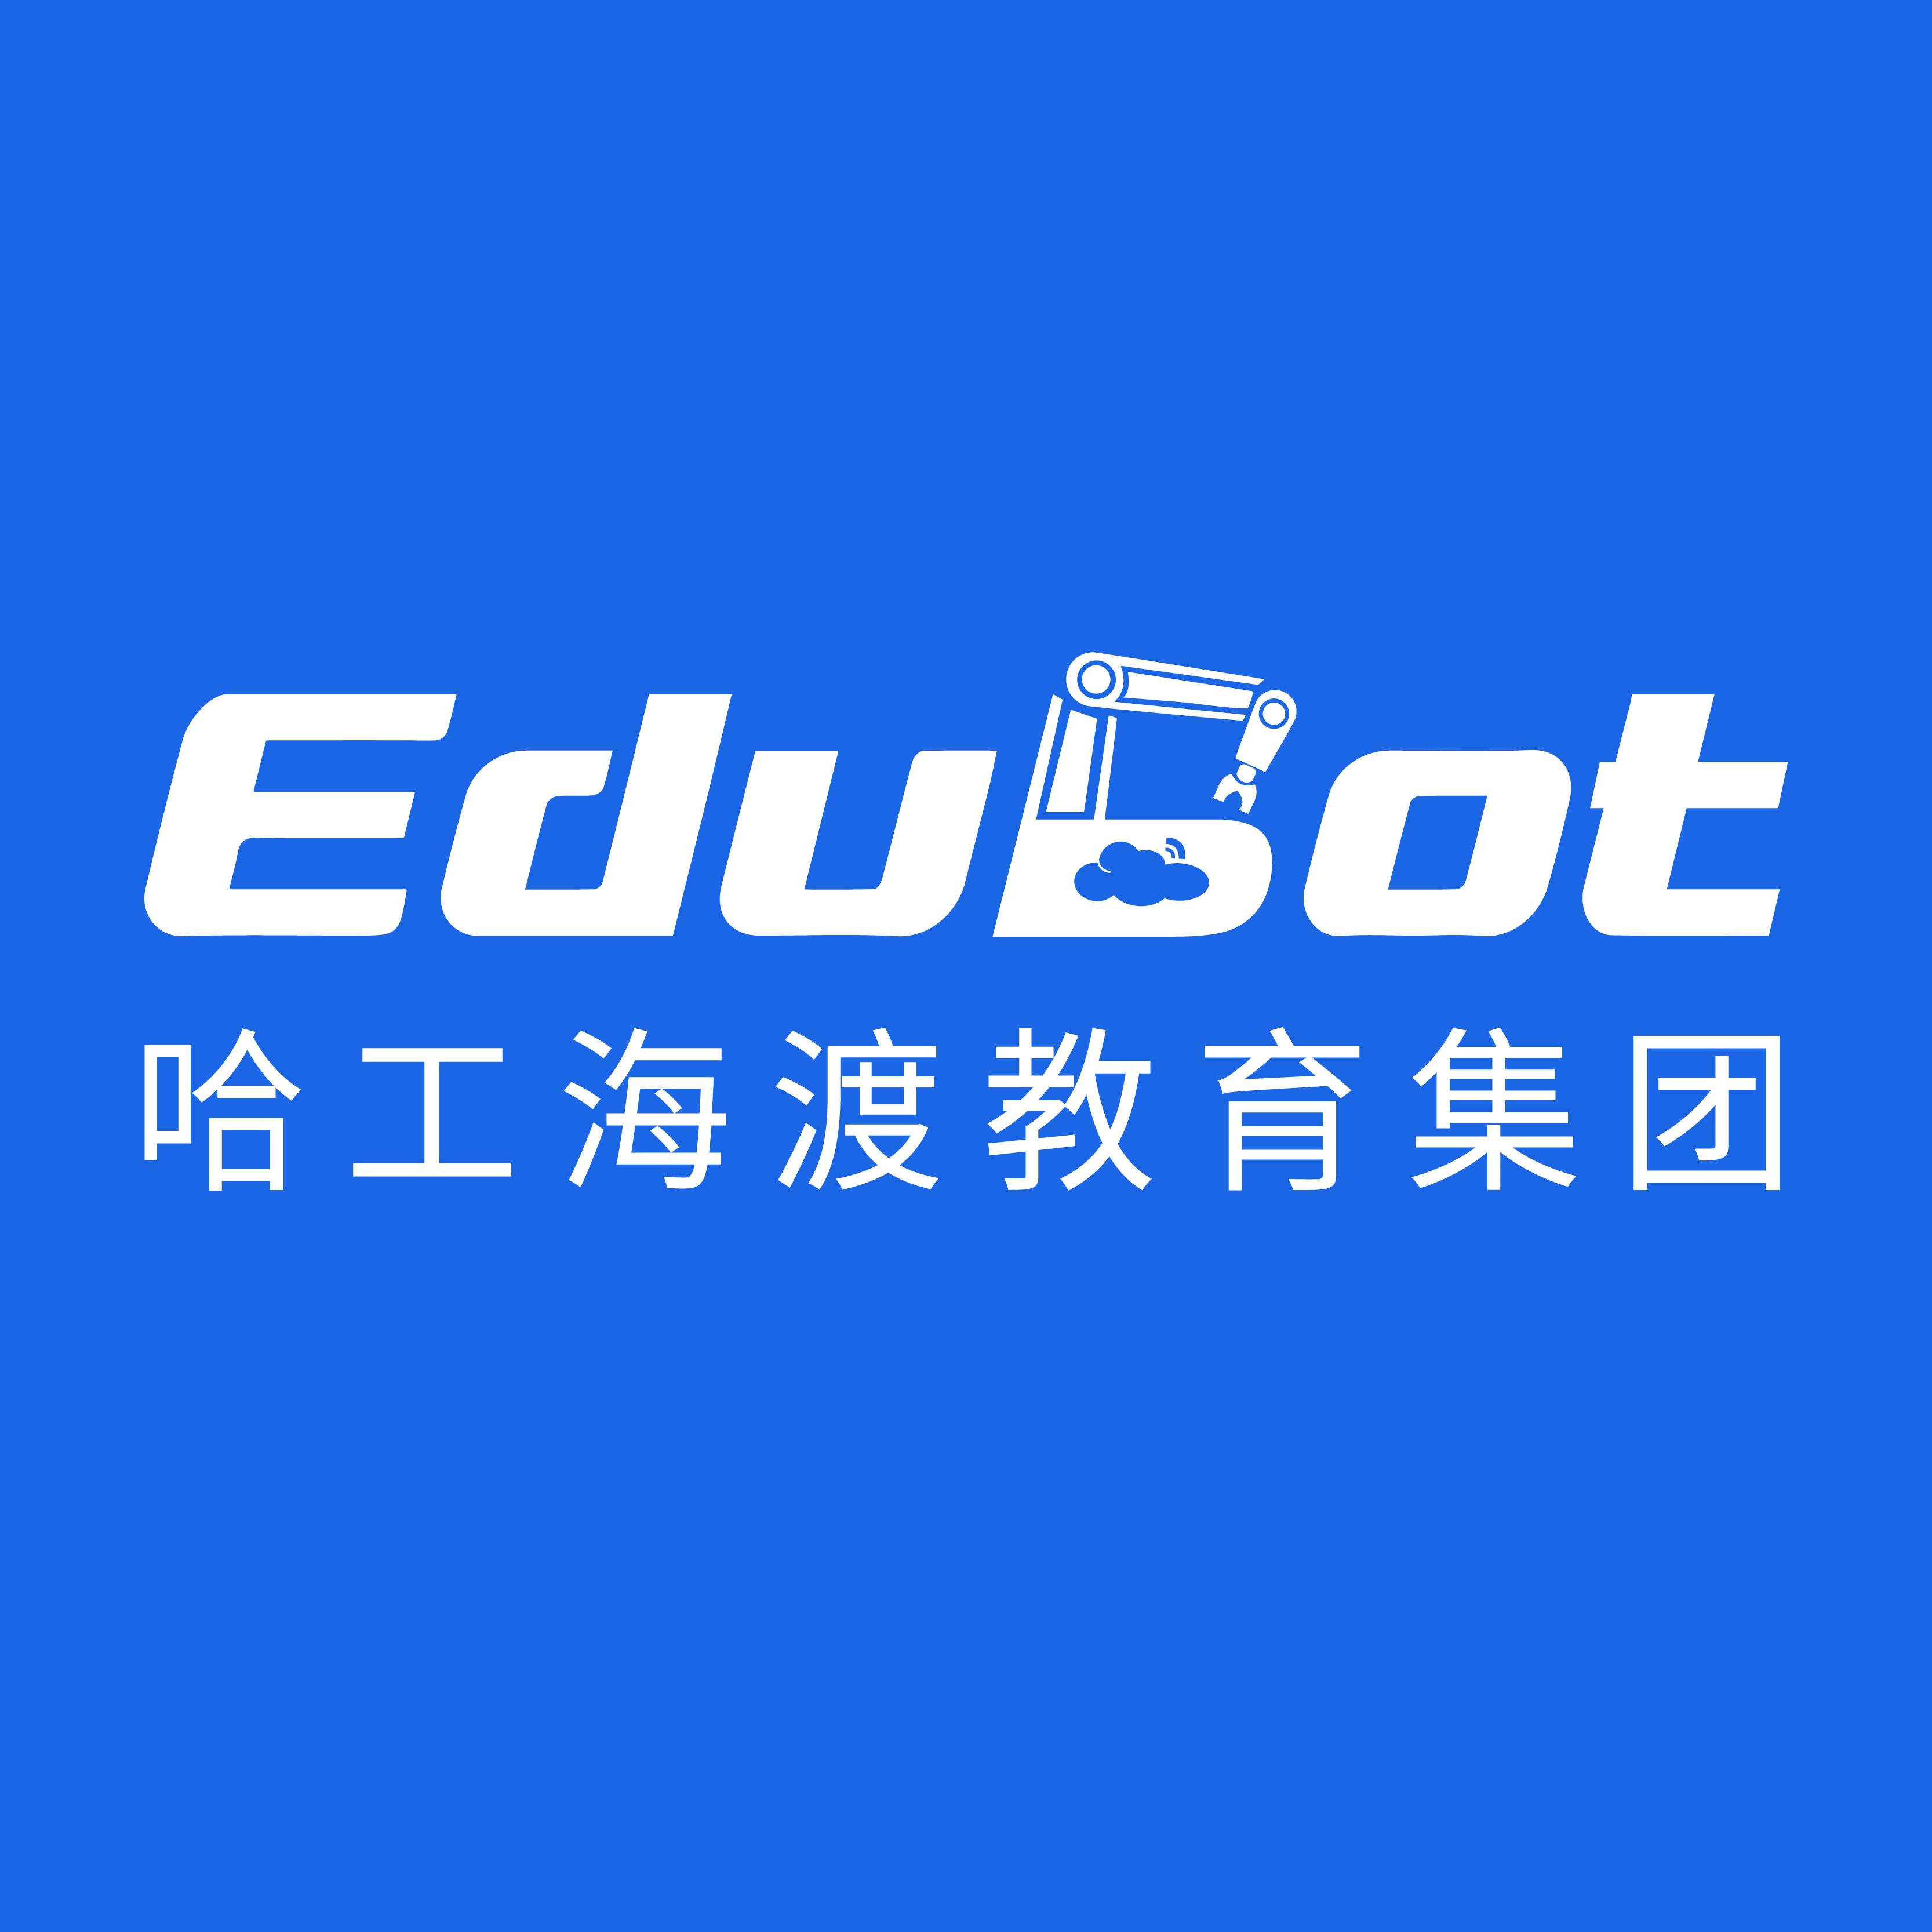 江苏哈工海渡教育科技集团有限公司